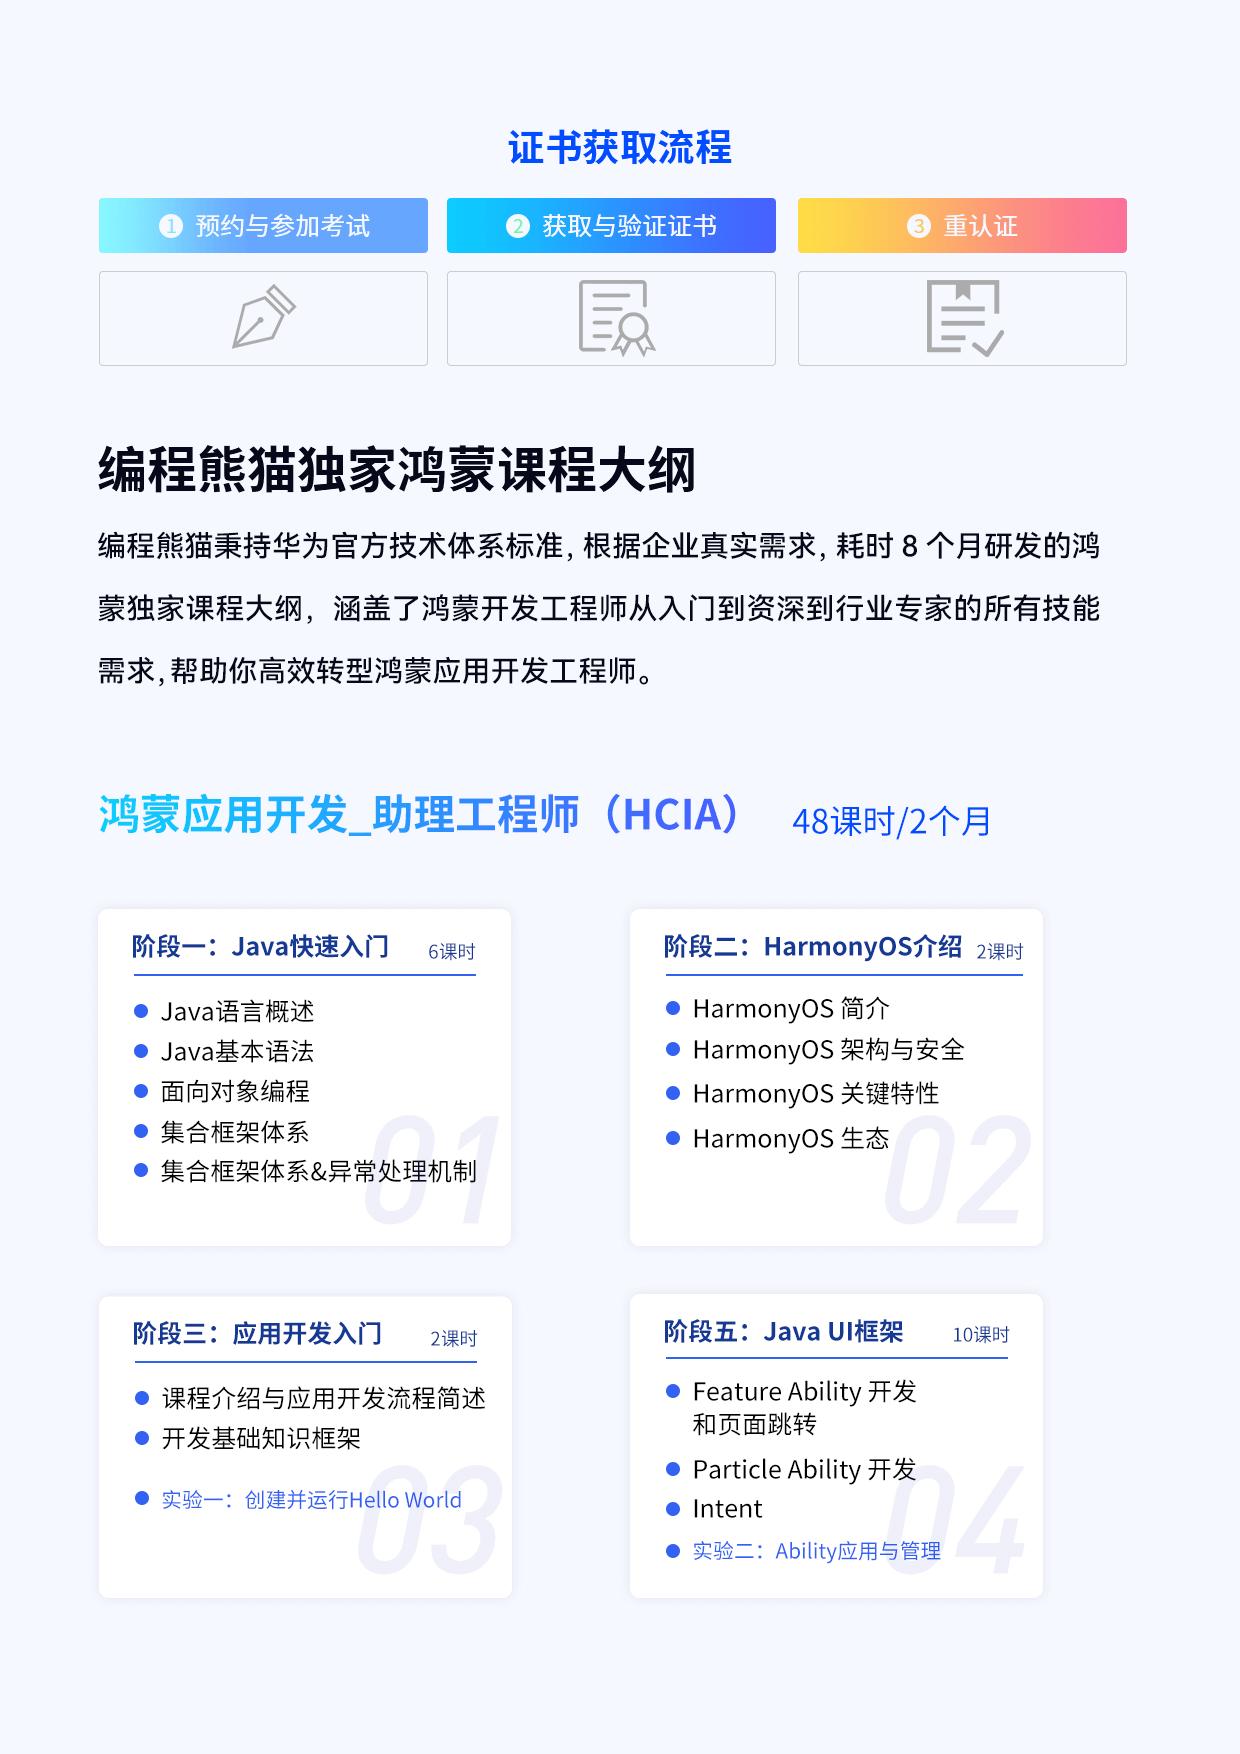 鸿蒙应用开发助理工程师(HCIA)